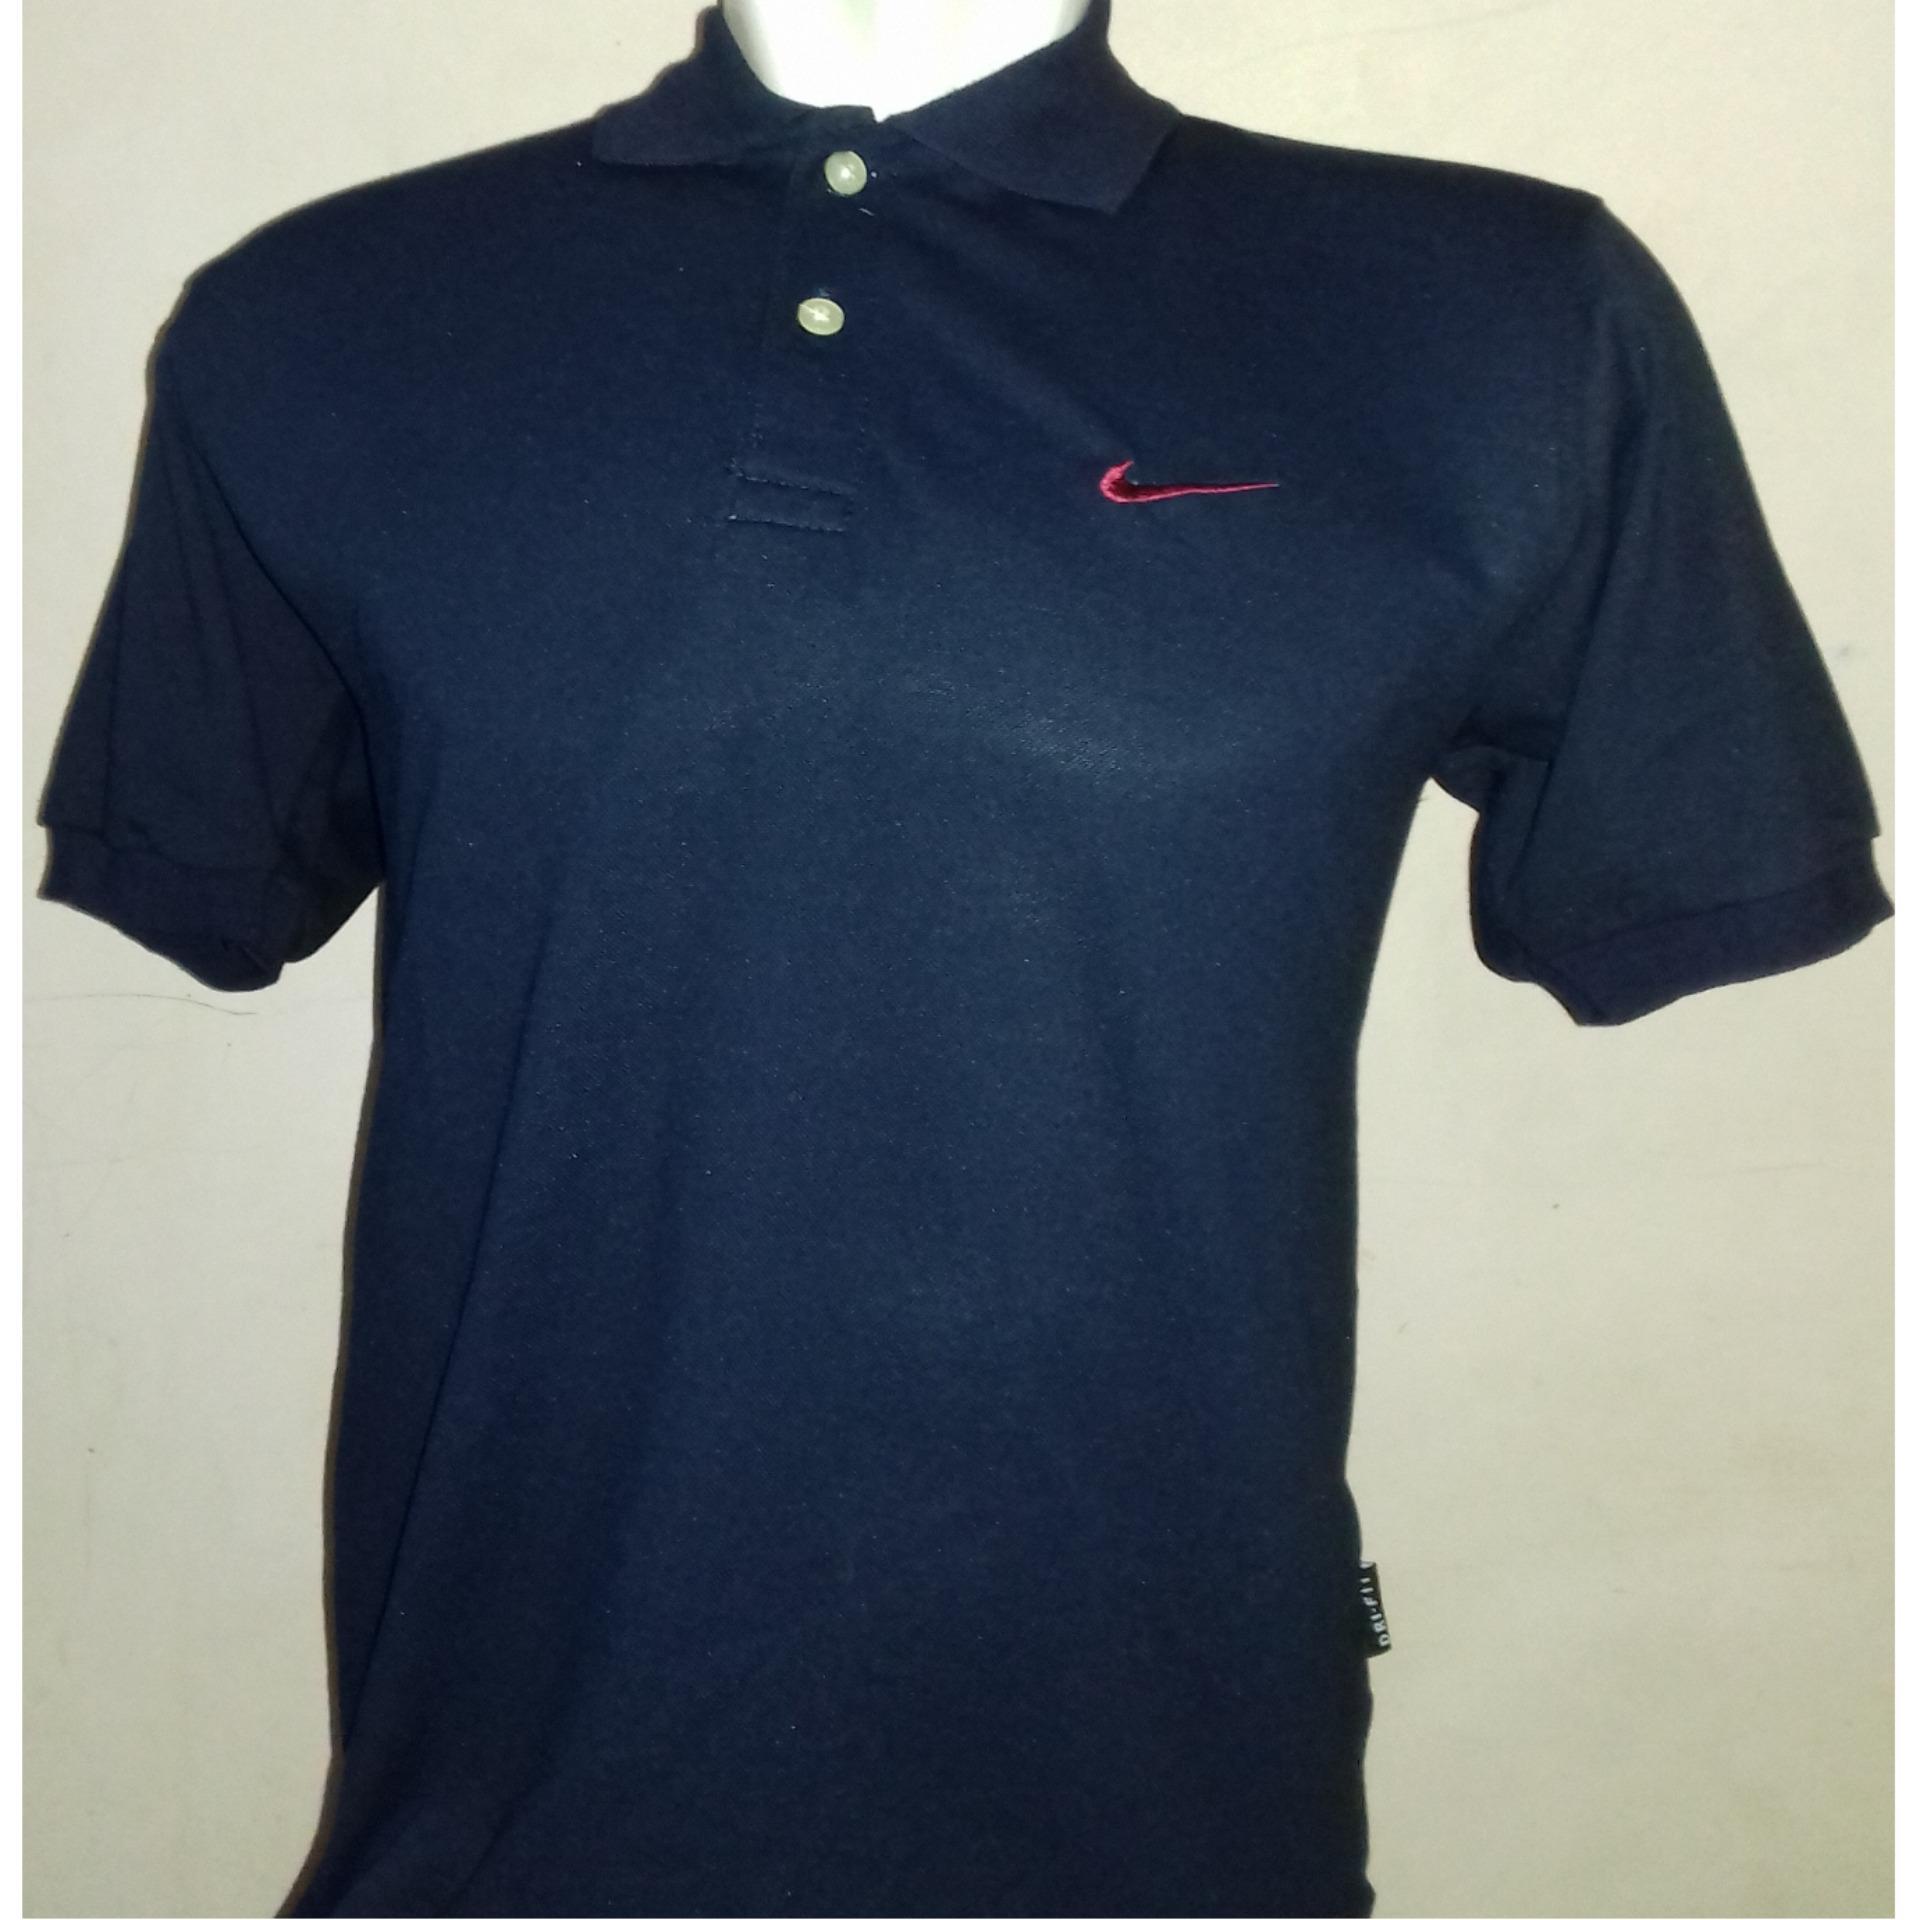 Baju Pria Polo Shirt Bahan Cotton Pique Size M L Xl Xxl Harga Murah Basic P107 Kaos Kerah C59 Original Nike Golf Navy Biru Dongker Rp6500000 Indonesia